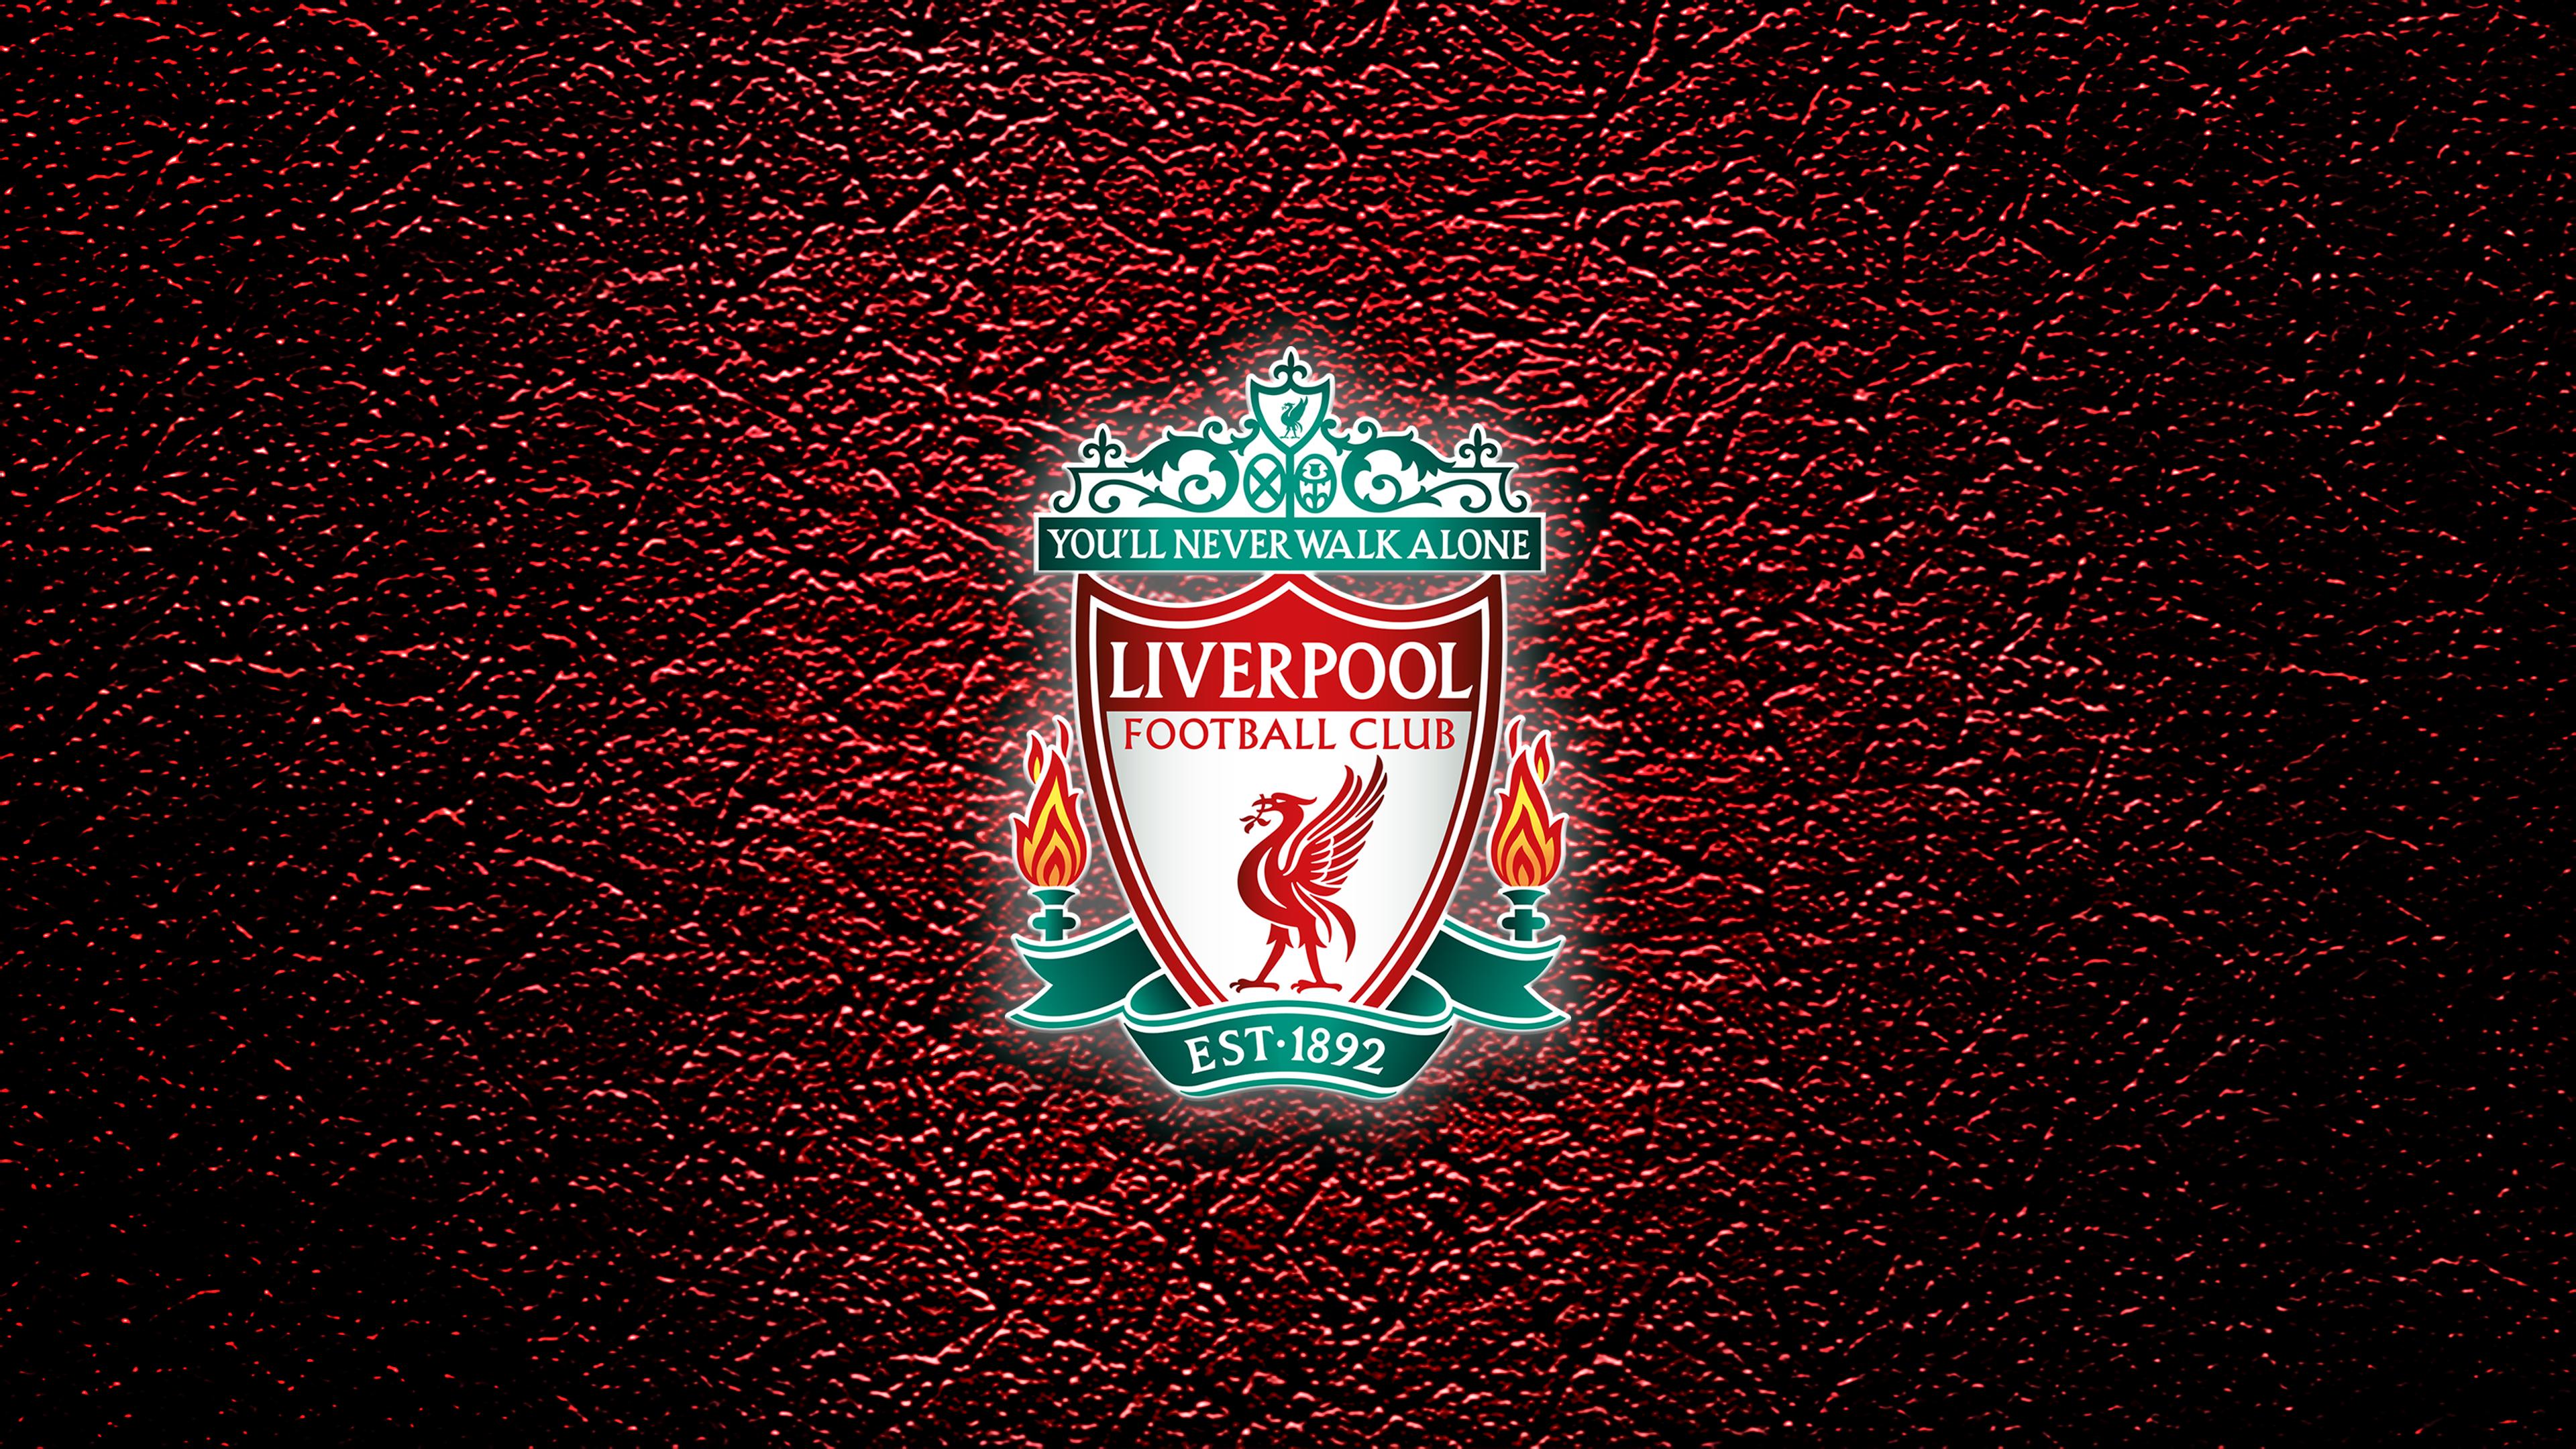 Liverpool 2019 Wallpaper 82391 Wallpaper Download HD Wallpaper 3840x2160